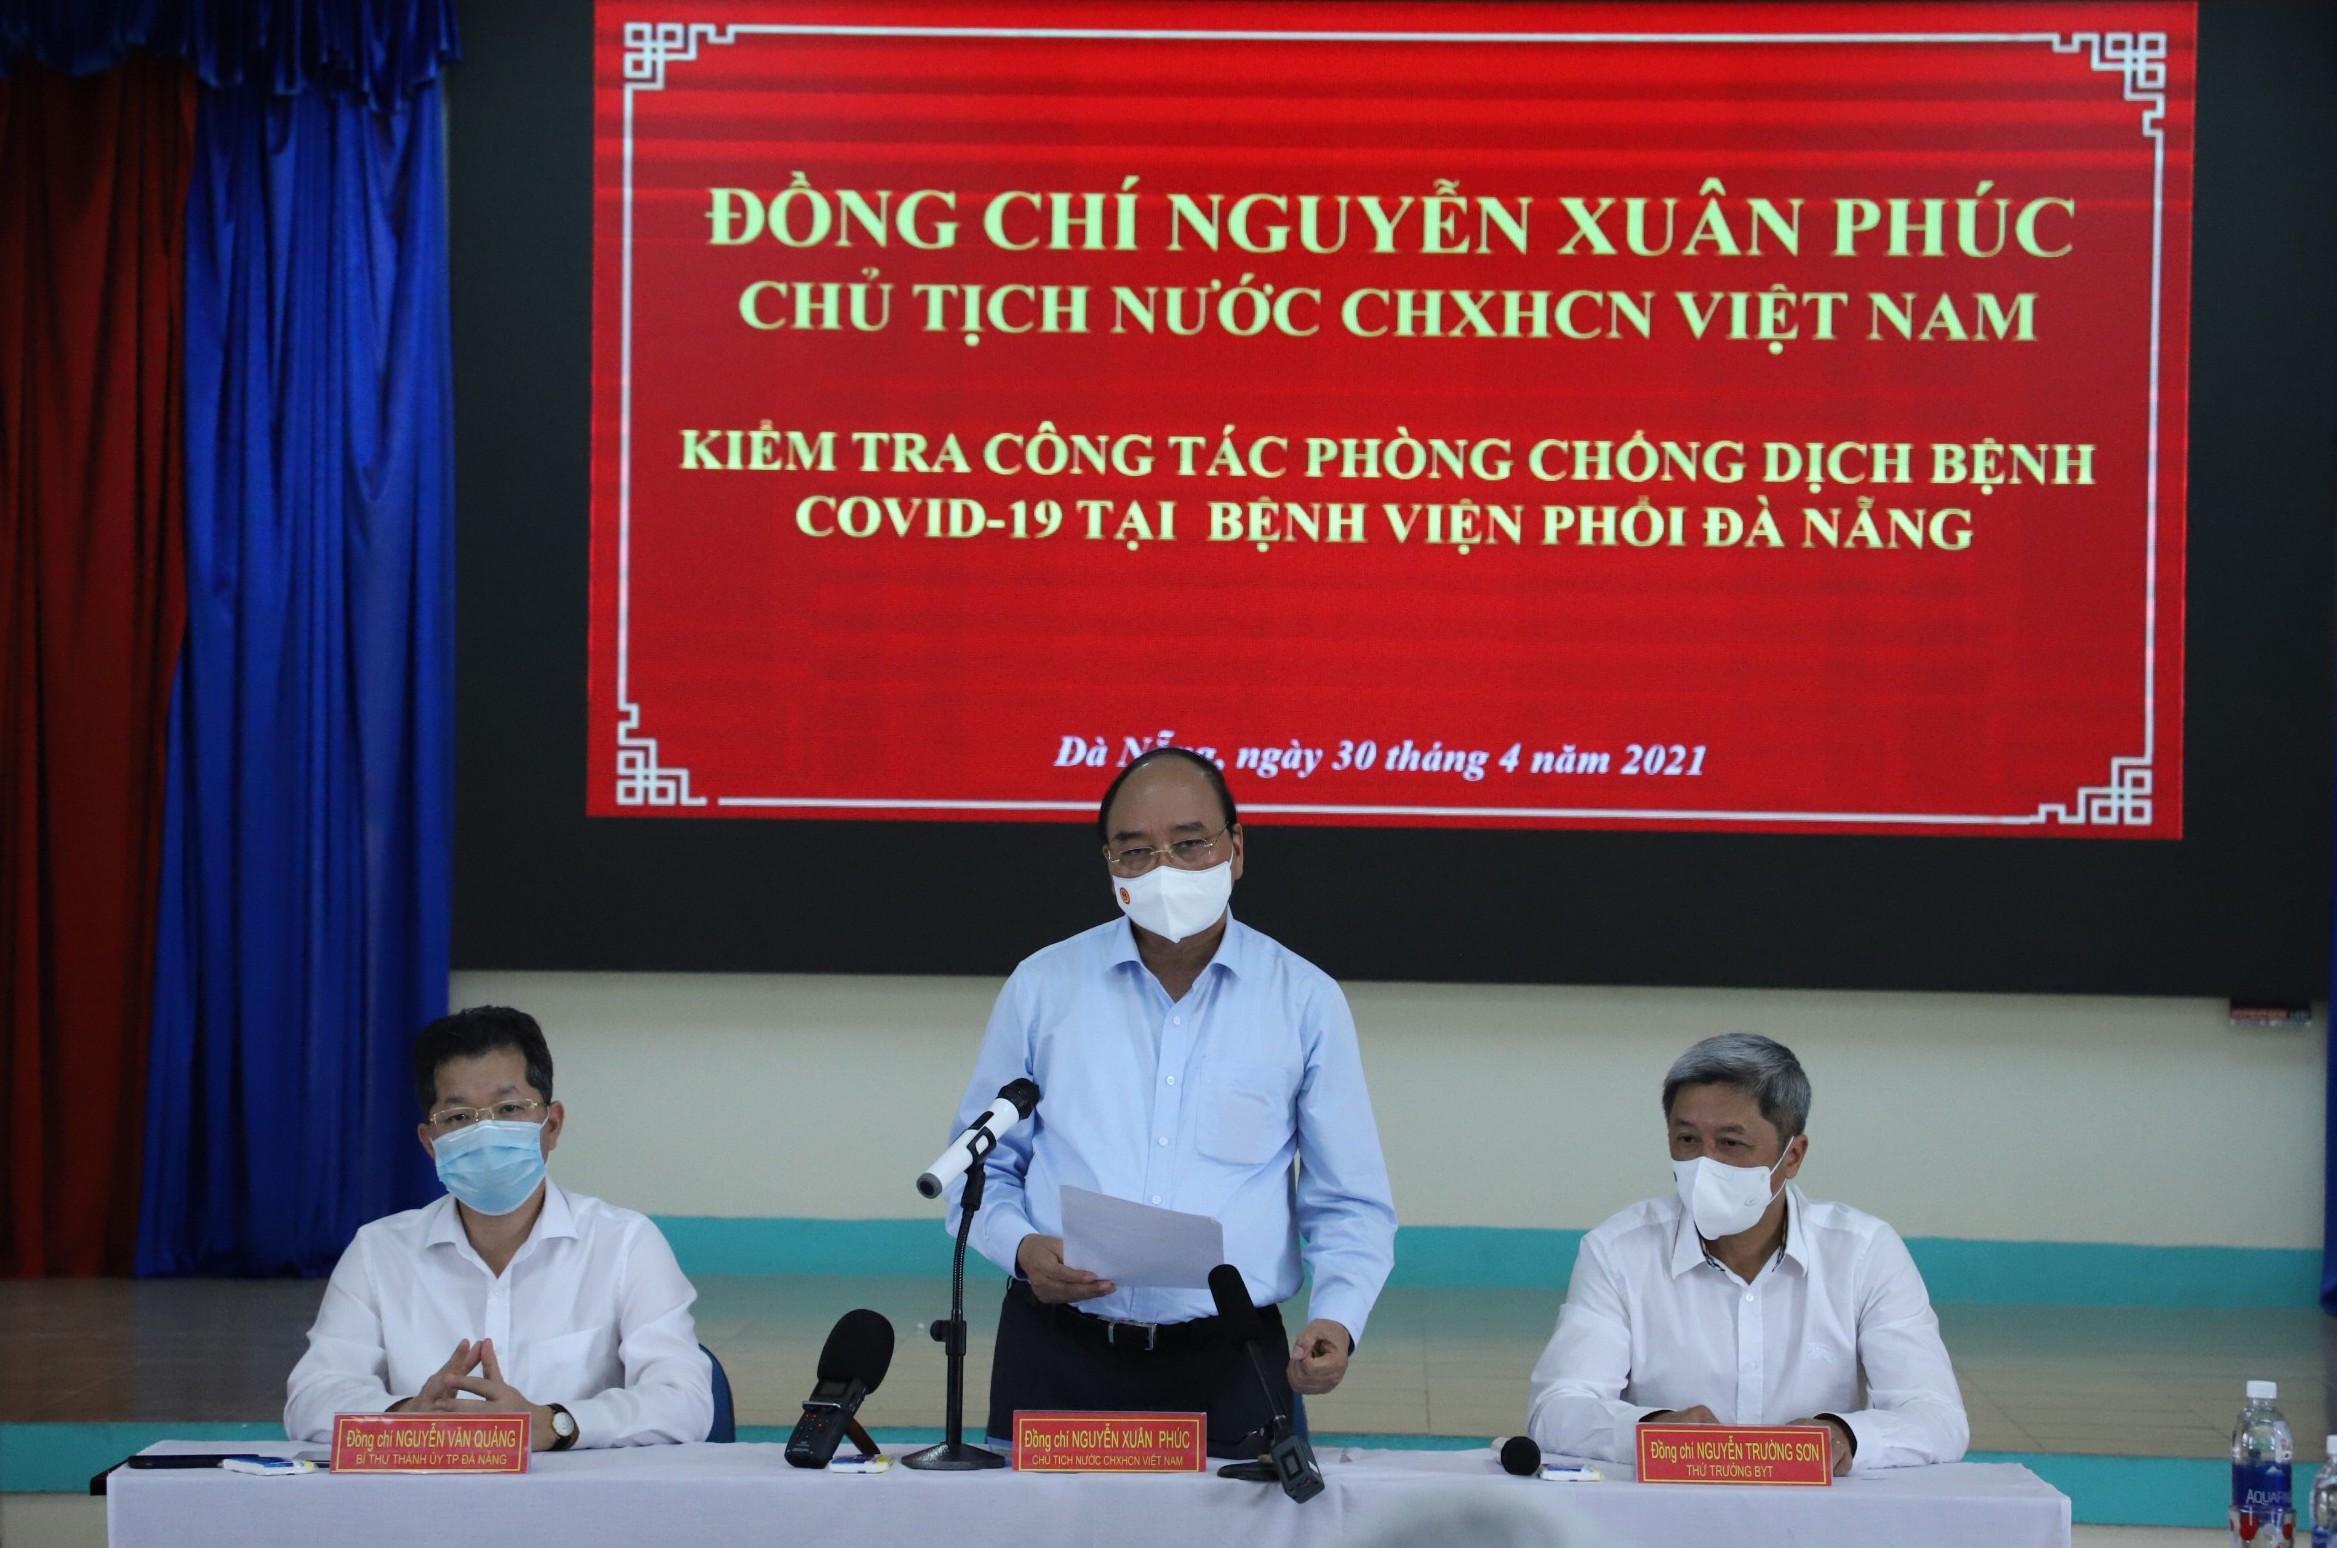 Chủ tịch nước Nguyễn Xuân Phúc phát biểu tại buổi làm việc - Ảnh: VGP/Lưu Hương